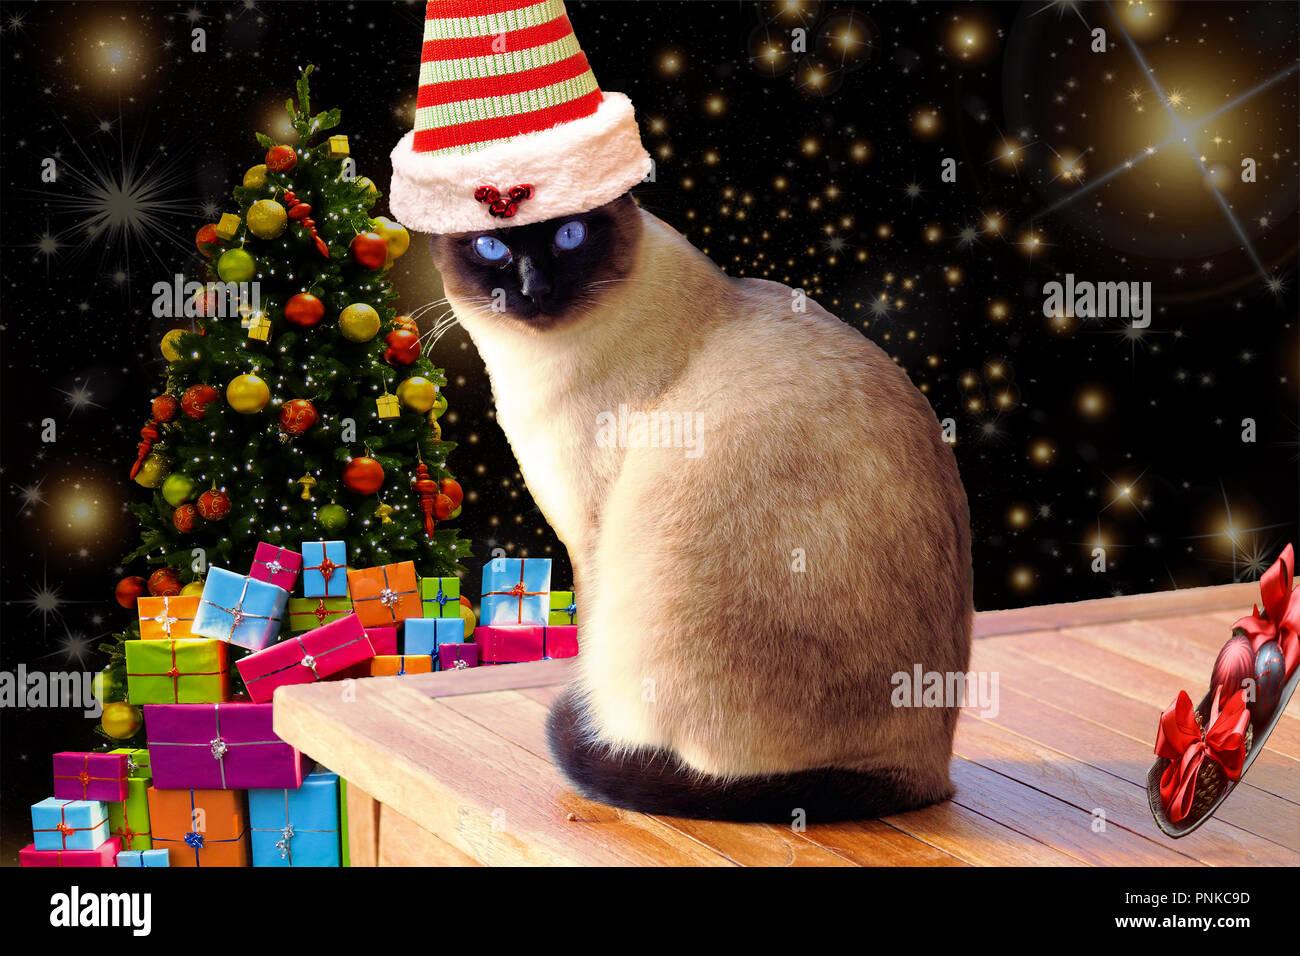 Noel Drole Et Mignon Chat Sur Une Table Portant Un Chapeau Elf A Rayures Avec Fond De Noel Photo Stock Alamy